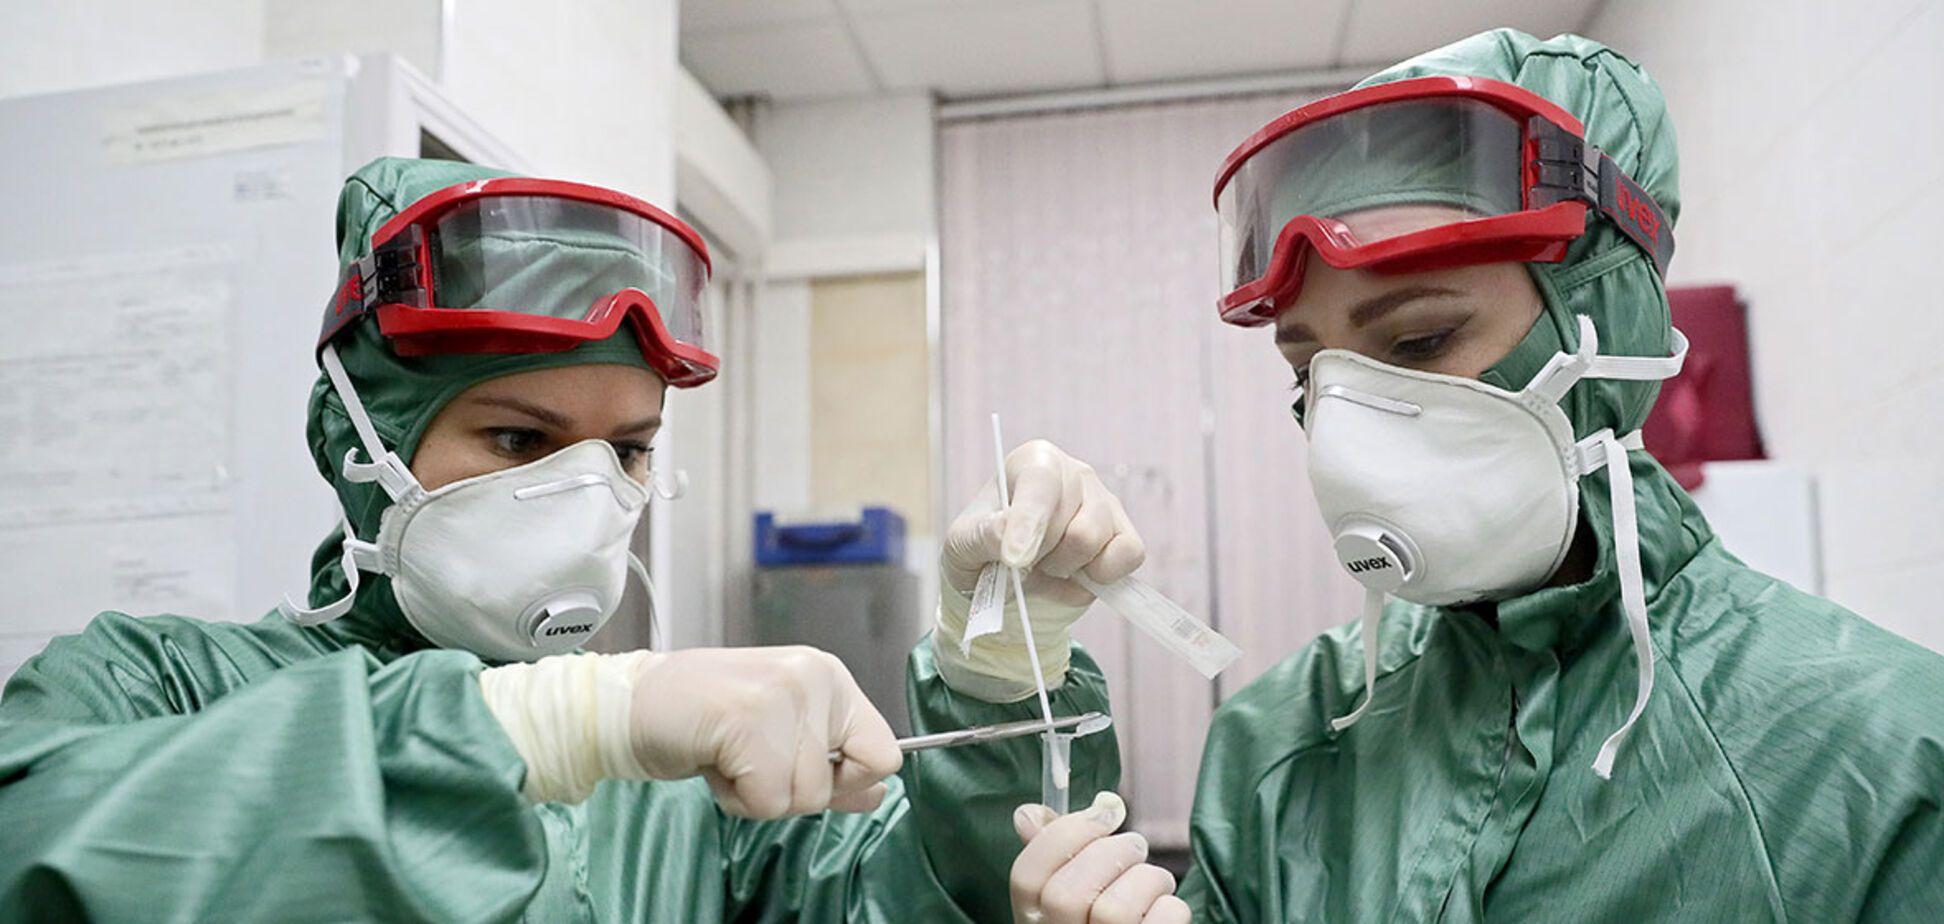 В Японии нашли лекарство от коронавируса. Оно оказалось самым эффективным средством для борьбы с эпидемией